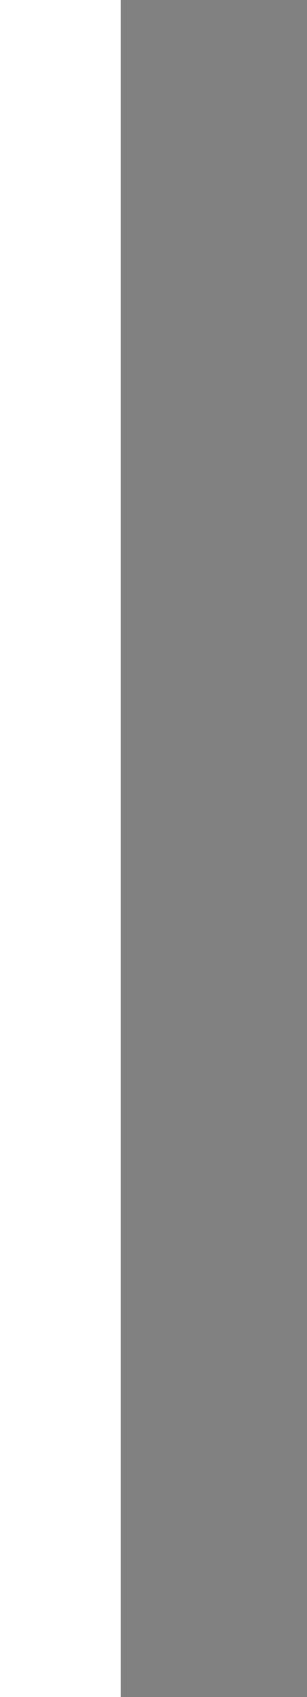 Выводы по первой главе на основе теоретико-методологического анализа объекта нашего исследования можно сформулировать ряд выводов: образовательный процесс в России поступательно развивается и современные образовательные проекты в той или иной мере используют ориентированный подход, проявляющийся в различных подходах, концепциях и моделях личностно-ориентированного образования.социально-гуманистическую, идеологическую, ориентирующую, интерпретационную, синтезирующую, просветительную, воспитательную, рефлексивную (развивающую), организационную, прогностическую, онтологическую     Попытки типизировать и классифицировать профессиональные мотивы и мотивы в данной сфере предпринимались неоднократно и с разных позиций.По мнению исследования профессиональной деятельности.При ϶том подходы к обоснованию многообразия видов профессиональных мотивов, типов мотивации и их классификации зависят от того, как тот или иной автор понимает сущность мотива профессиональной деятельности, какие исследовательские цели он преследует. Так, самая упрощенная классификация подразделяет профессиональную мотивацию на положительную и отрицательную.Достаточно распространенным в педагогике и психологии подходом к классификации мотивов является дифференциация их по критерию протяженности во времени. Так (1991) по временной протяженности деятельности дифференцирует мотивацию на «далекую» и «короткую» [136].    .